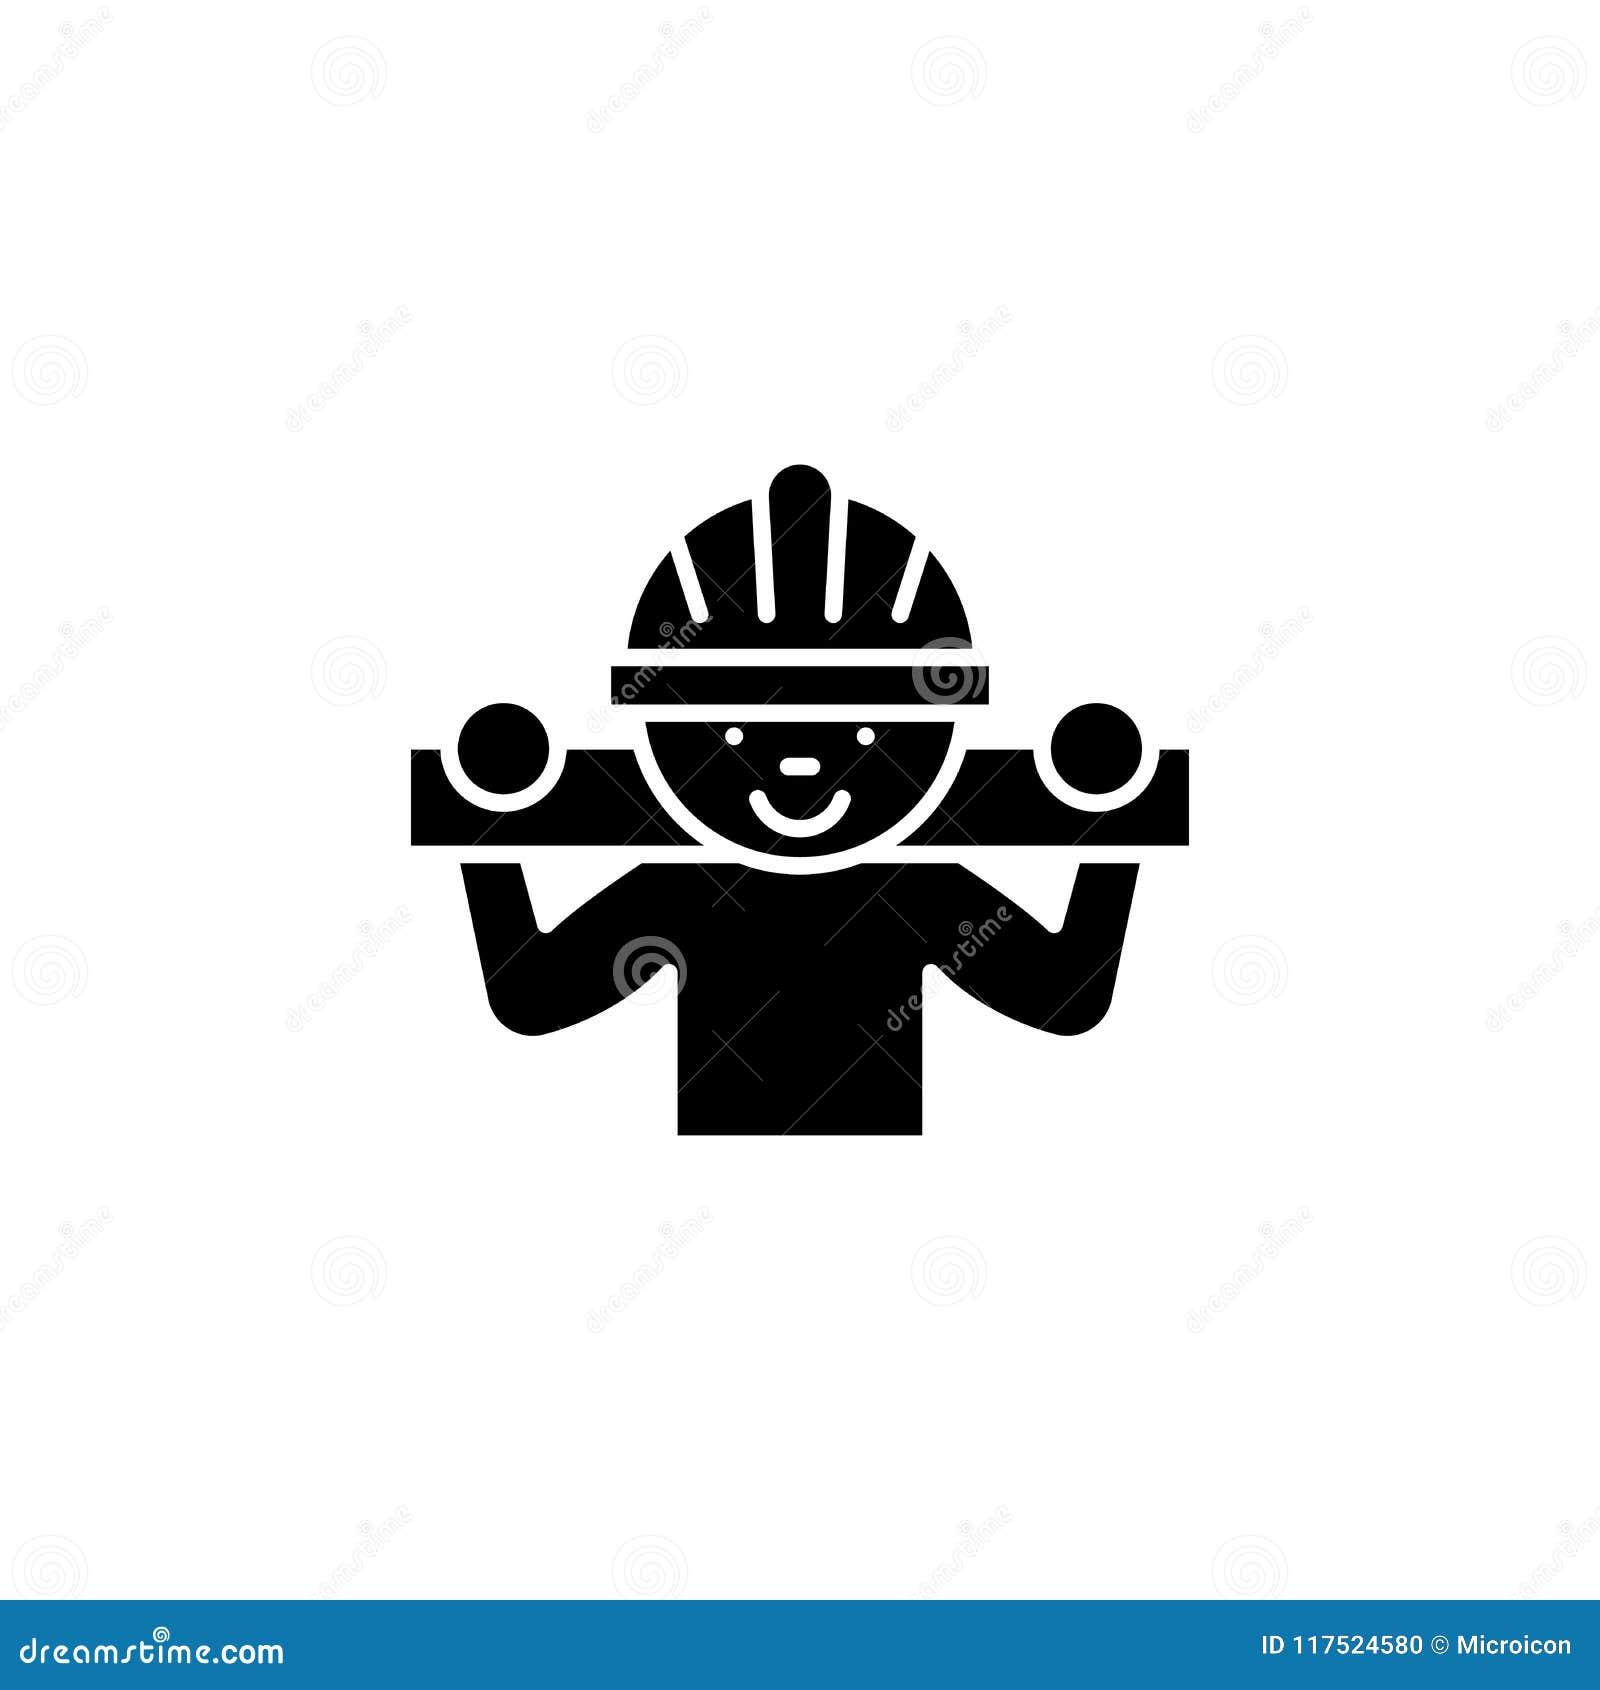 Tischler mit hölzernem Stangenschwarz-Ikonenkonzept Tischler mit flachem Vektorsymbol der hölzernen Stange, Zeichen, Illustration